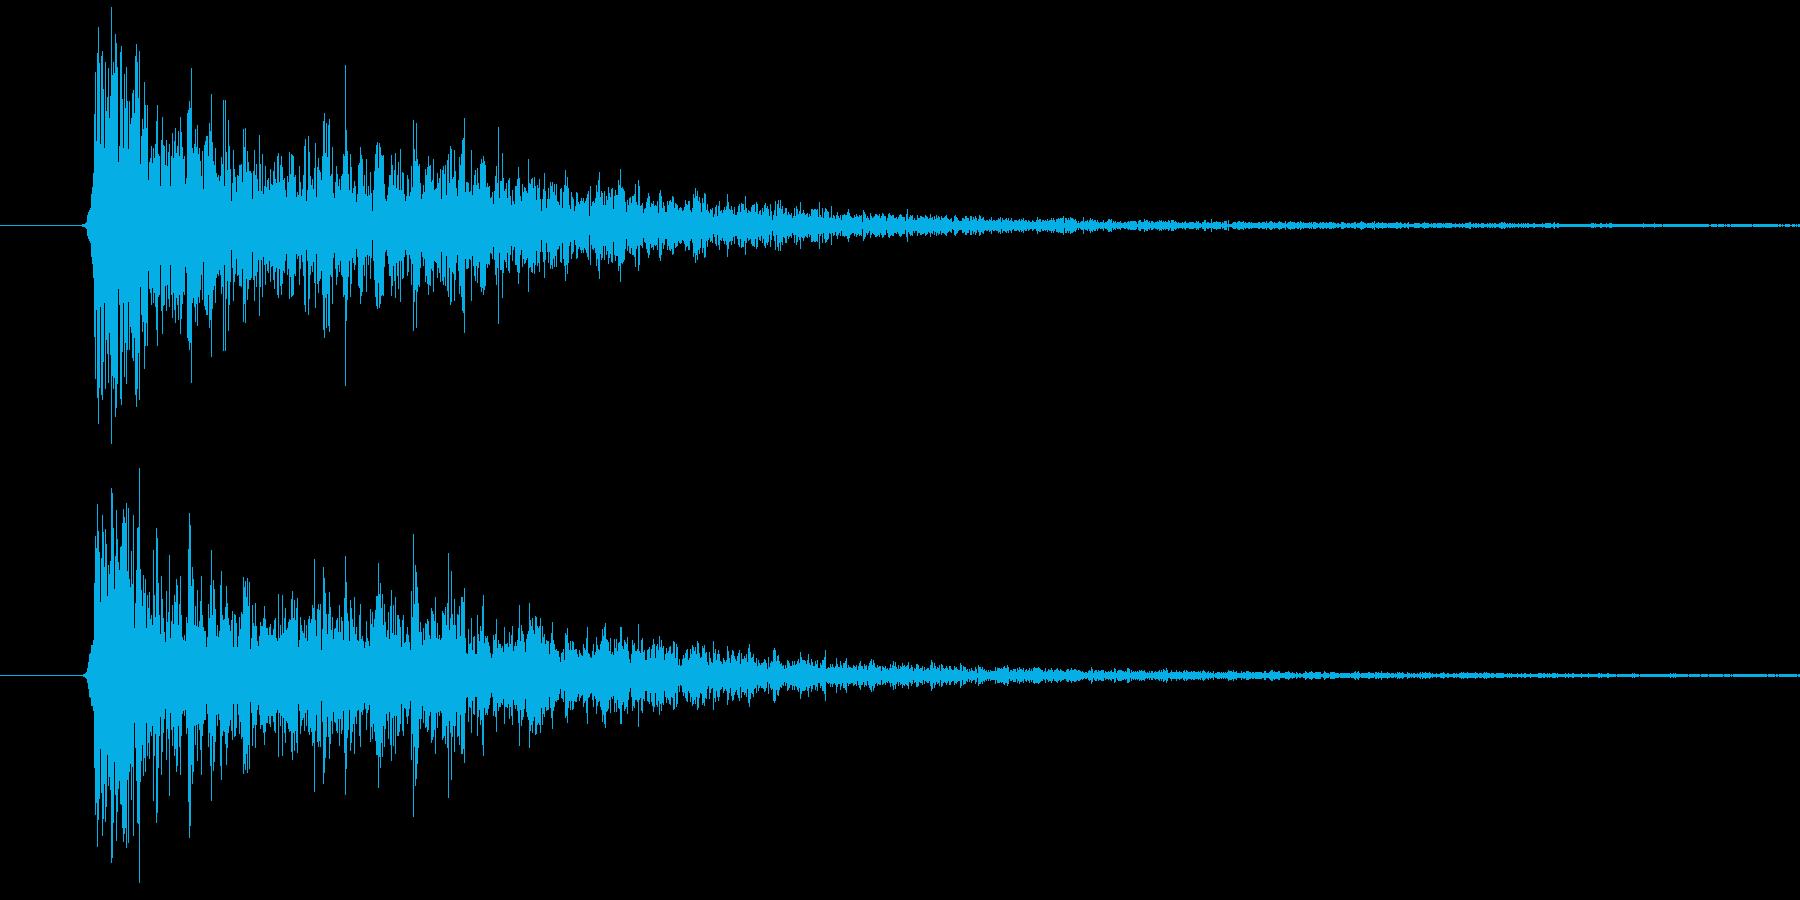 歌舞伎1(カッァー)の再生済みの波形